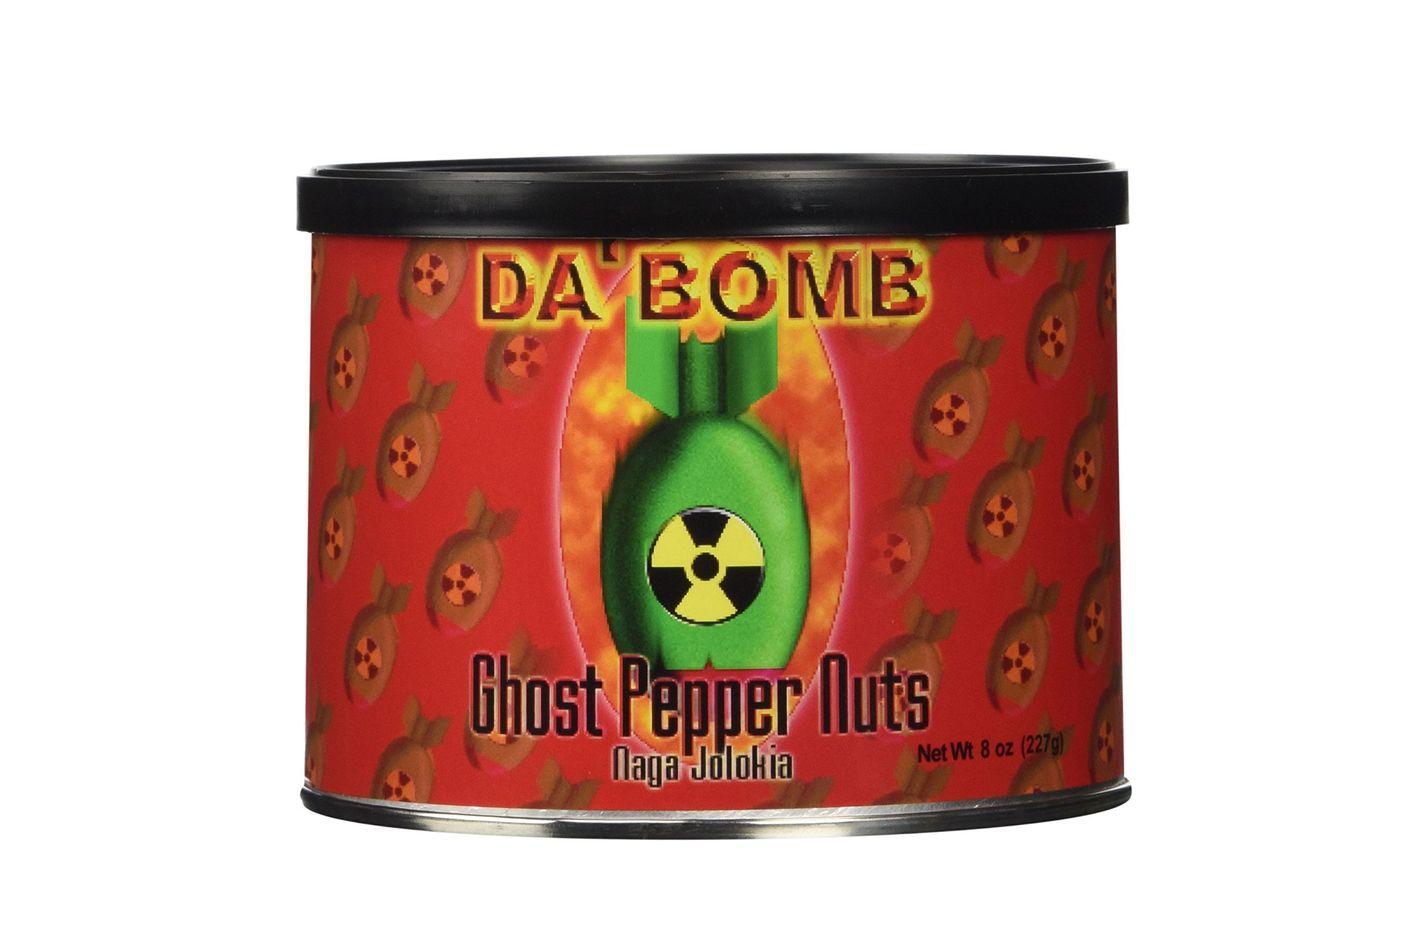 Da Bomb Ghost Pepper Peanuts